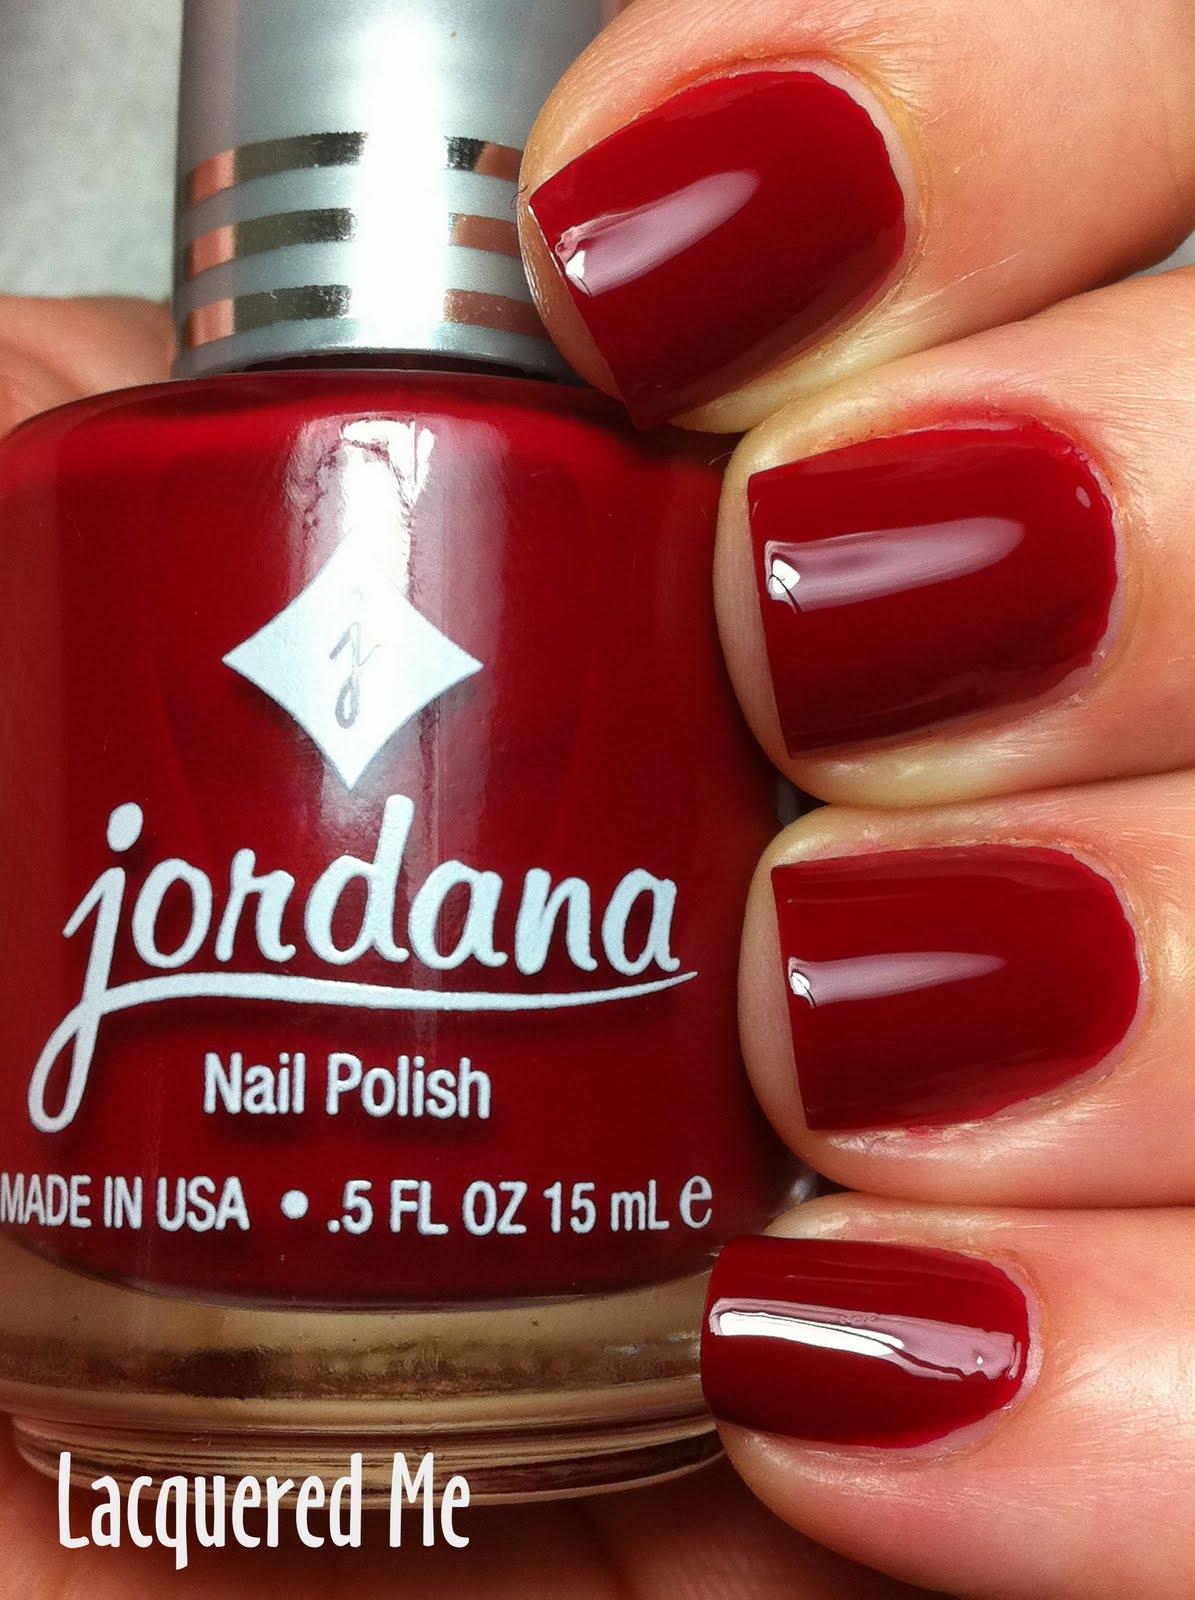 Lacquered Me: Jordana Nail Polish